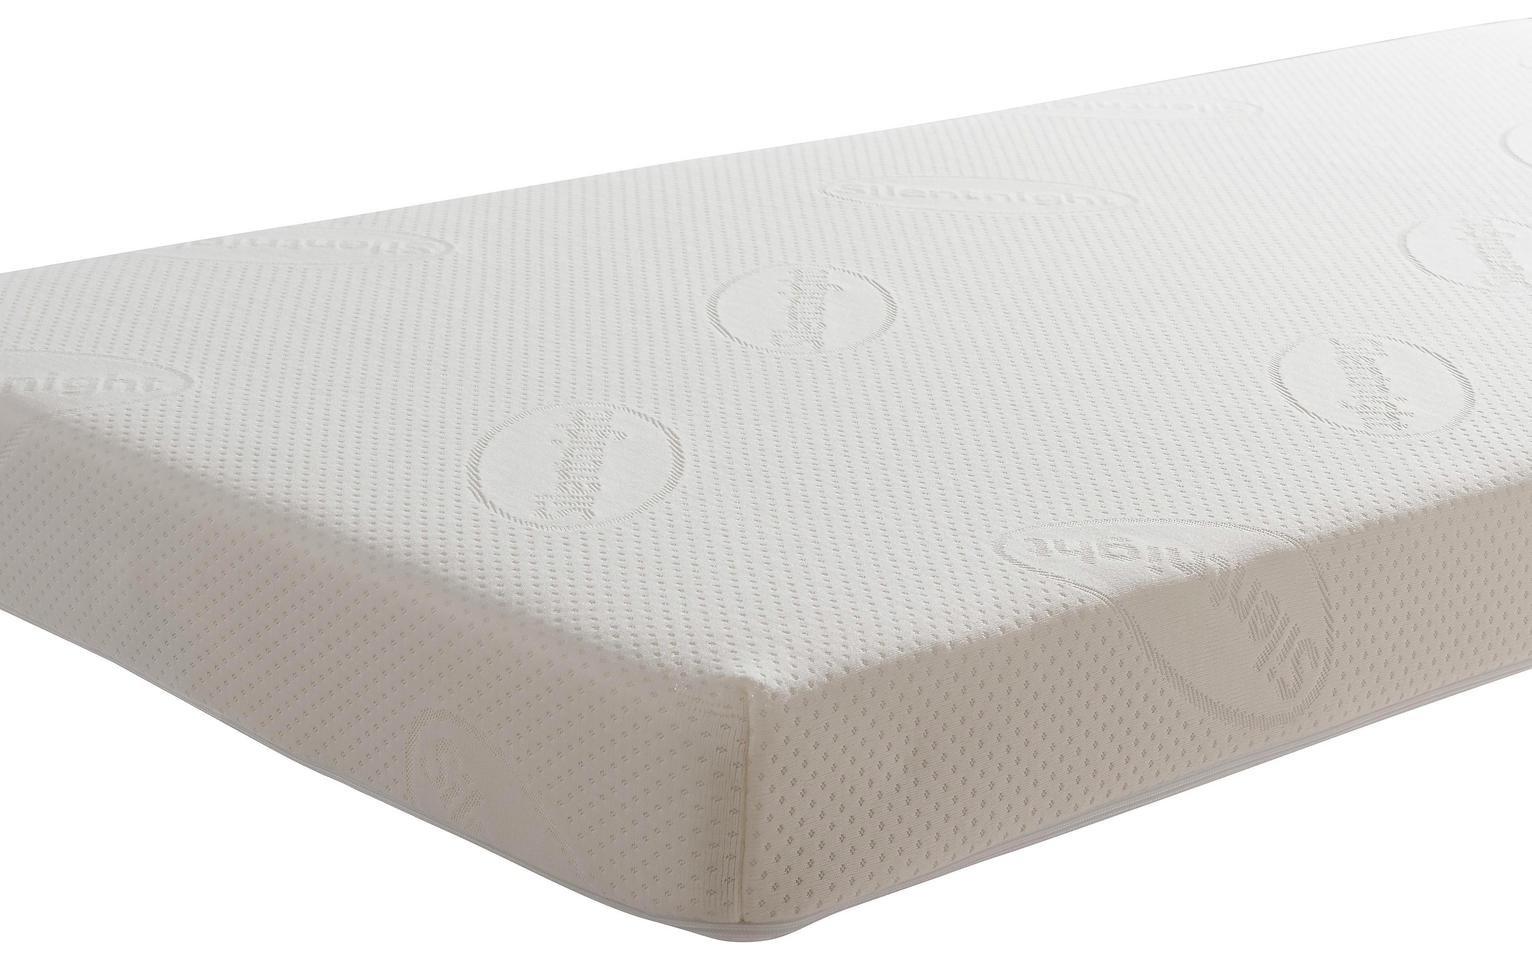 Silentnight Safe Nights Airflow Cot Mattress